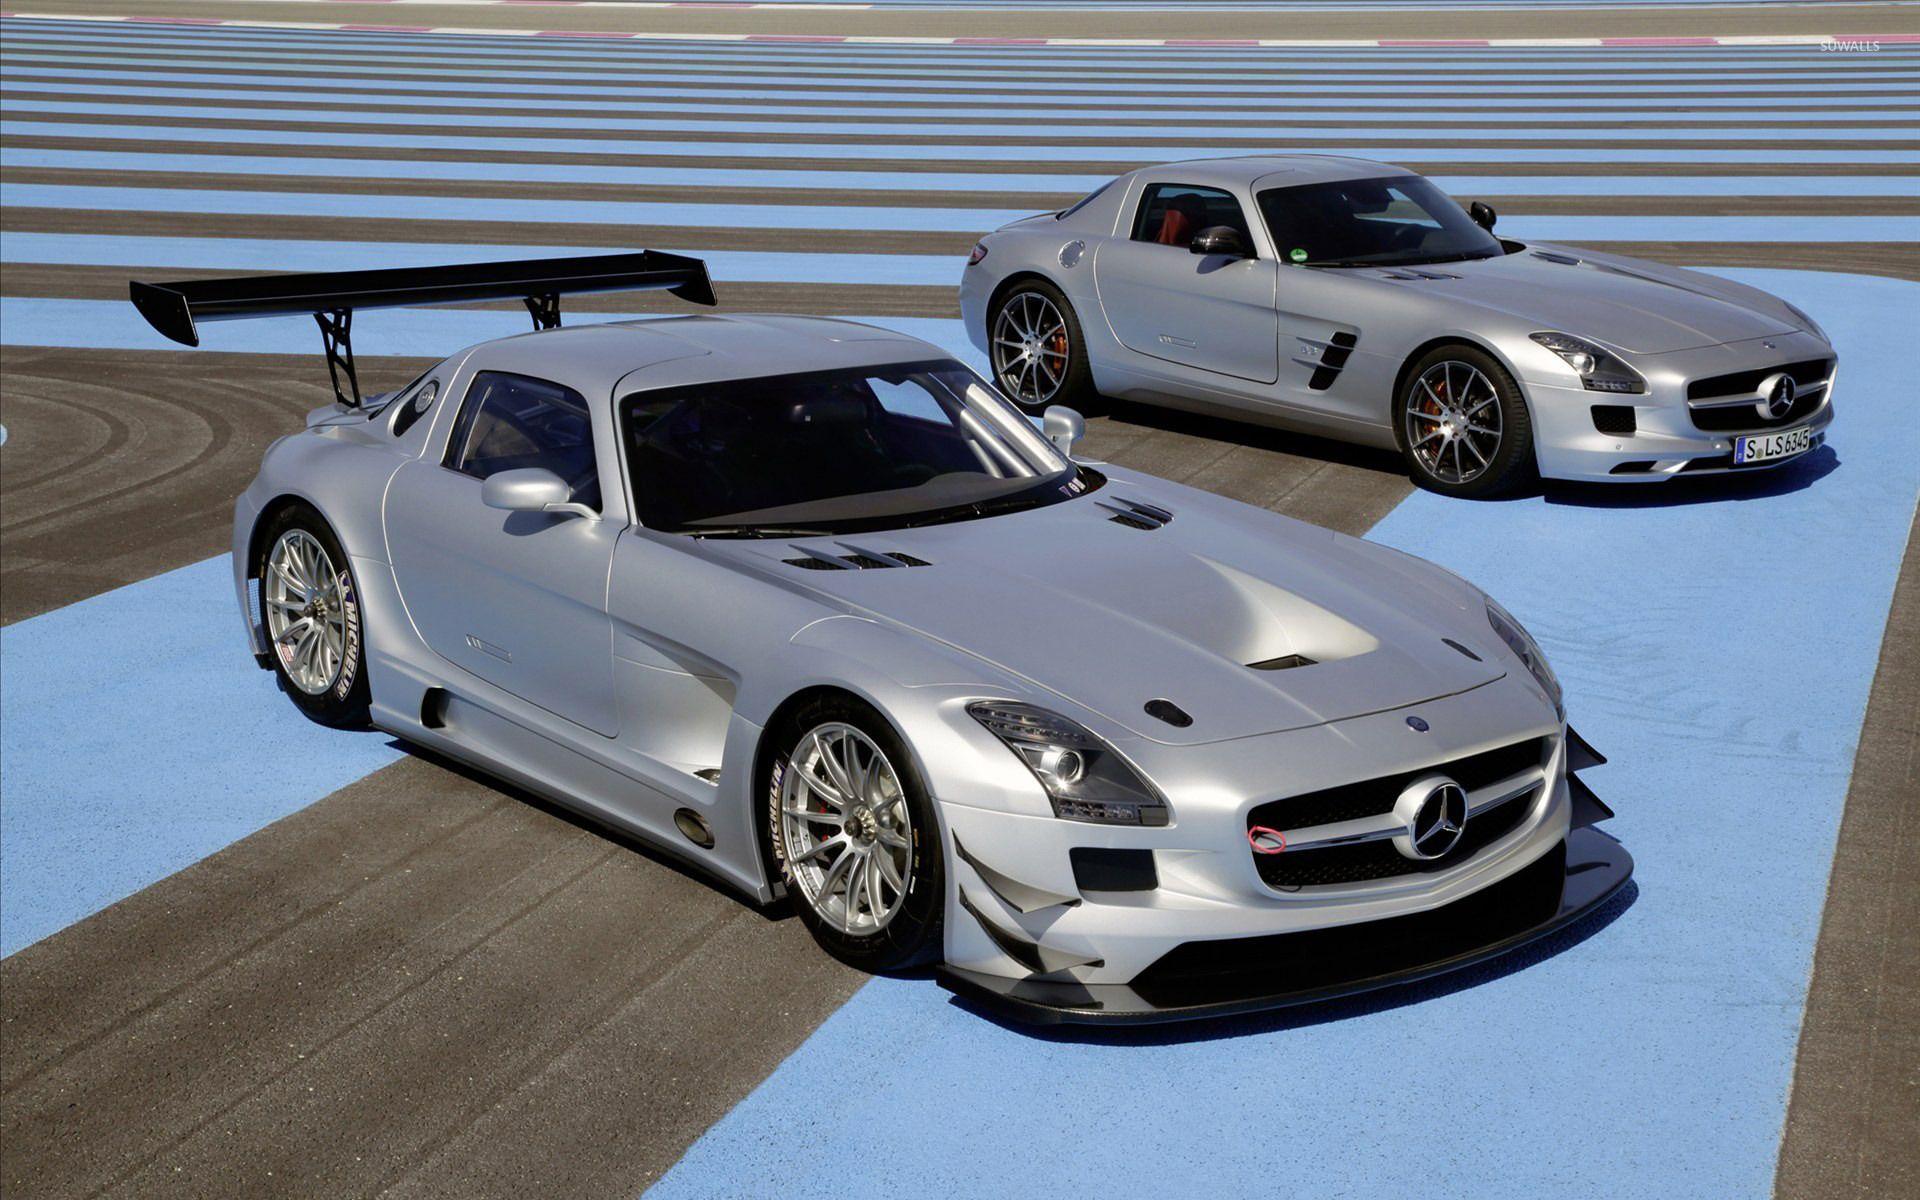 Mercedes Benz Sls Amg Gt Wallpapers Mercedes Sls Mercedes Benz Sls Amg Mercedes Benz Sls